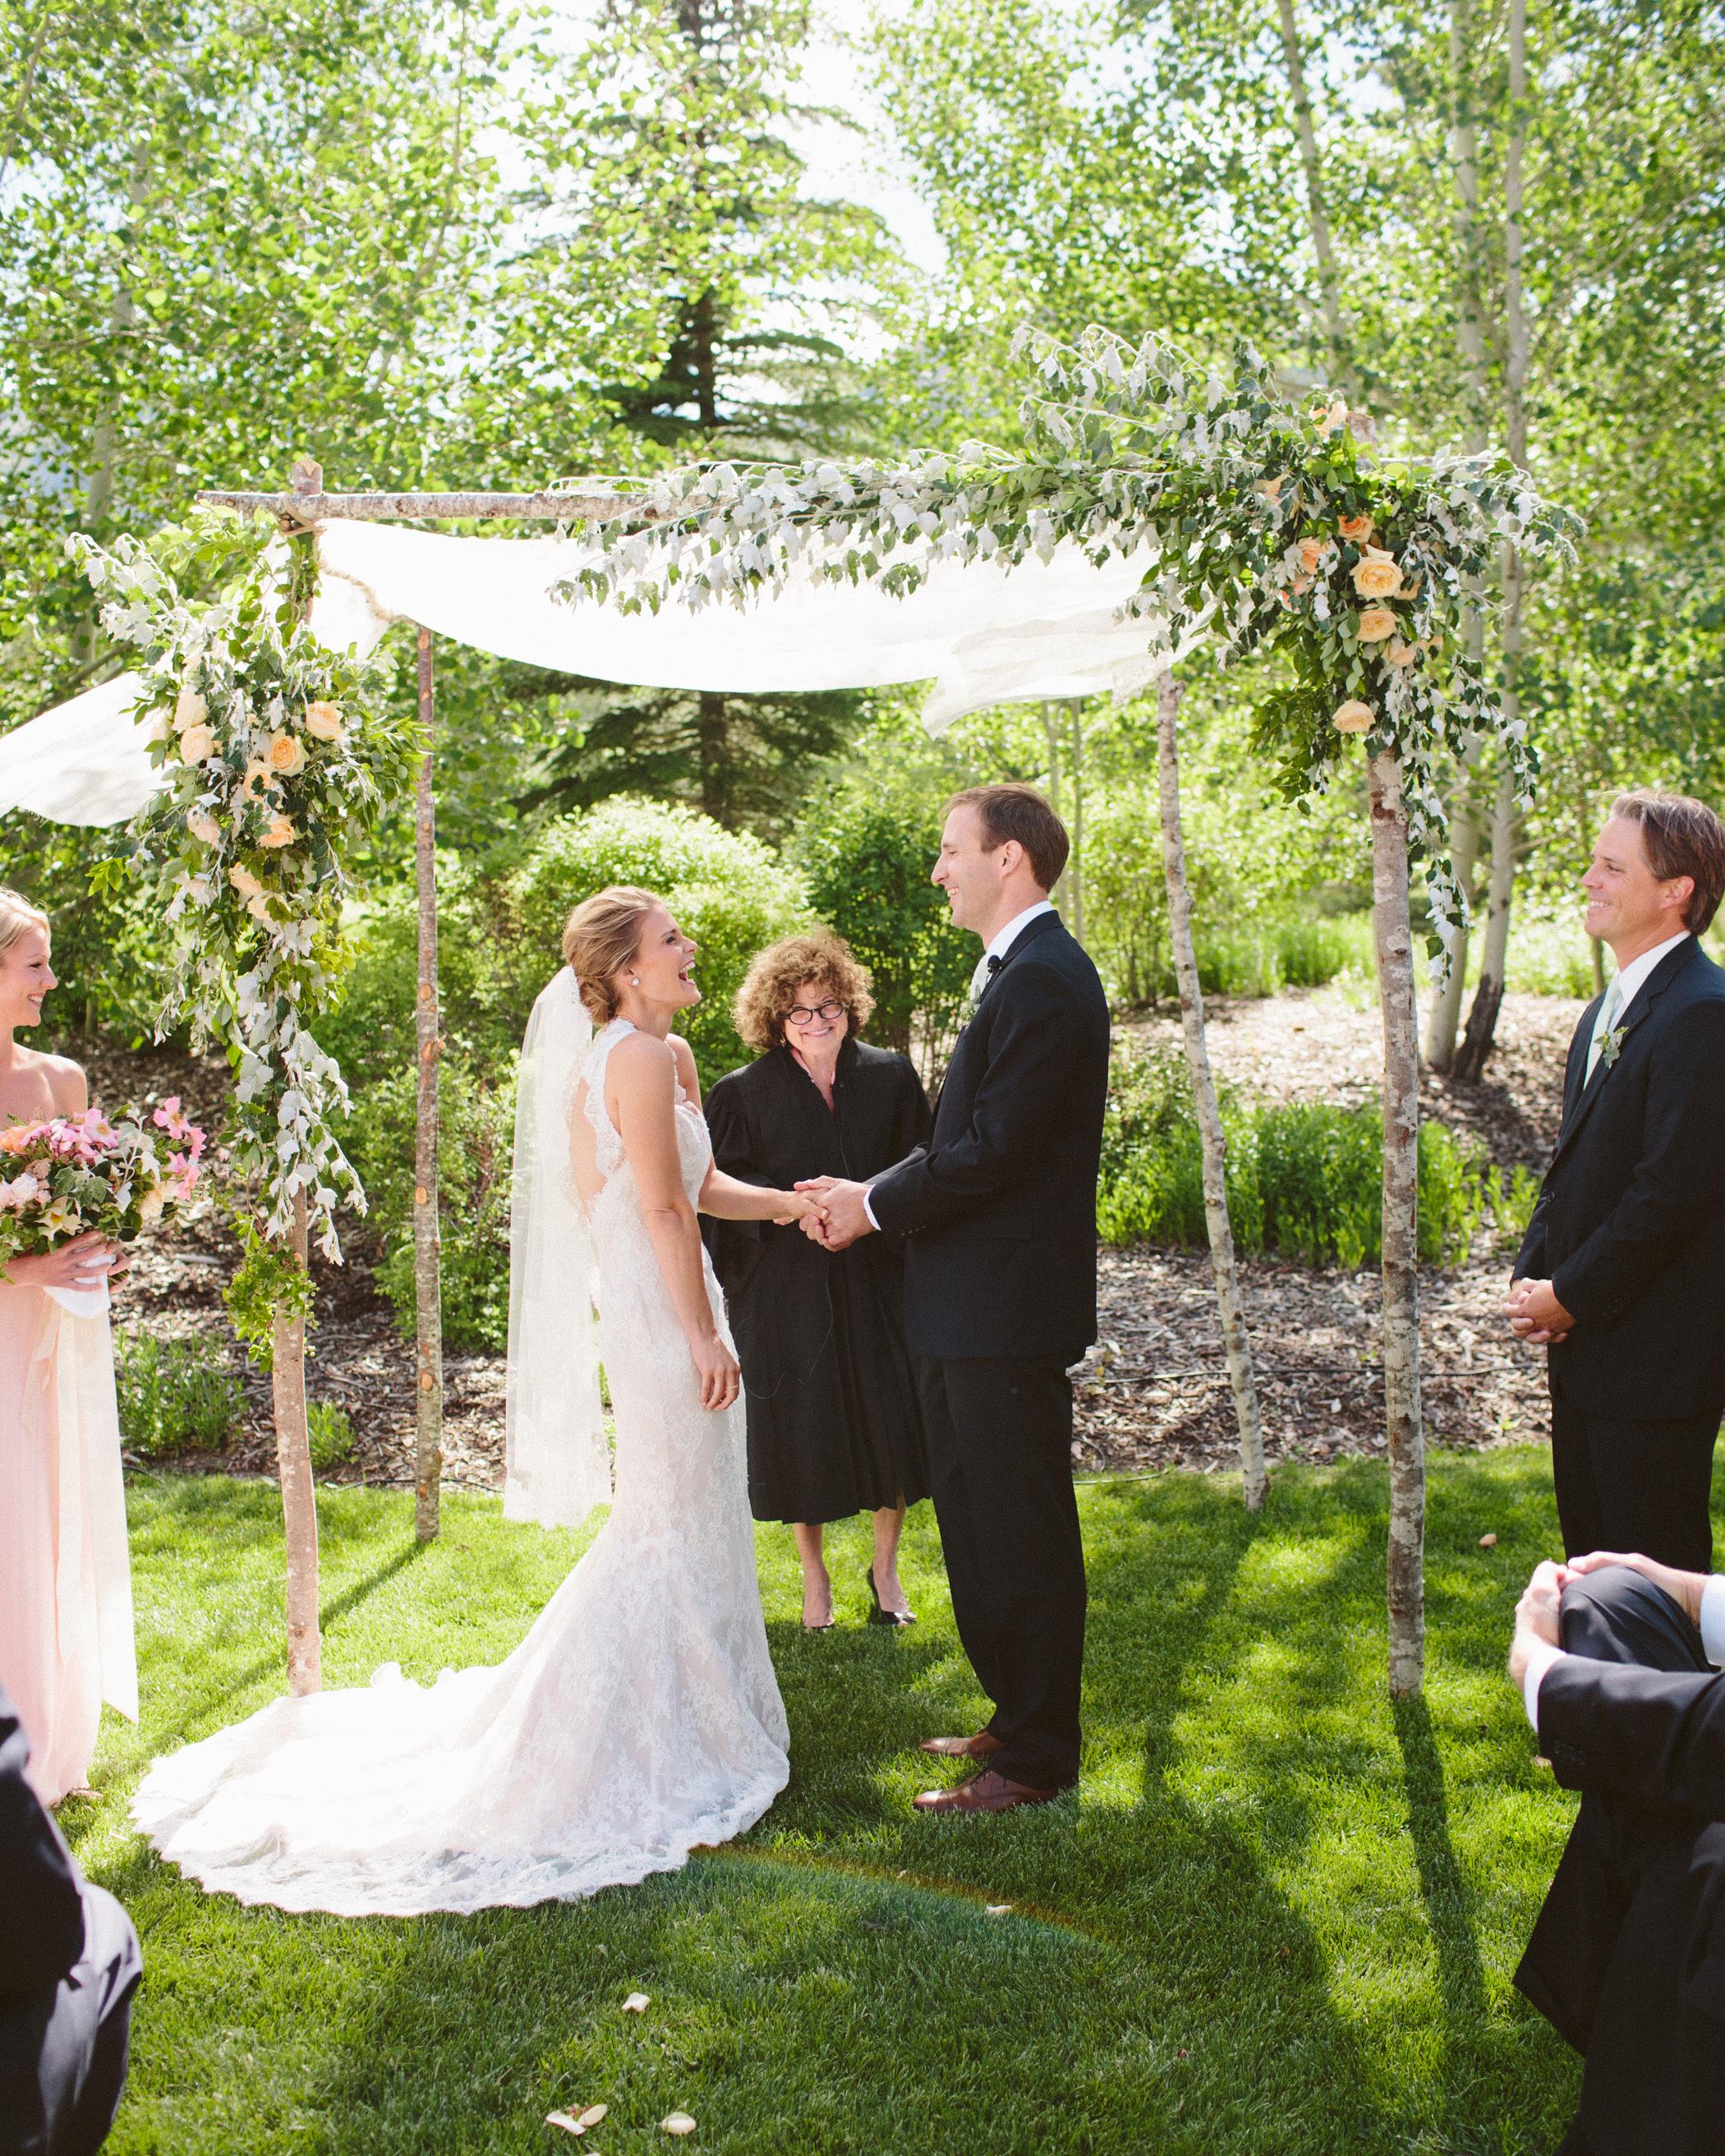 jamie-alex-wedding-ceremony-169-s111544-1014.jpg